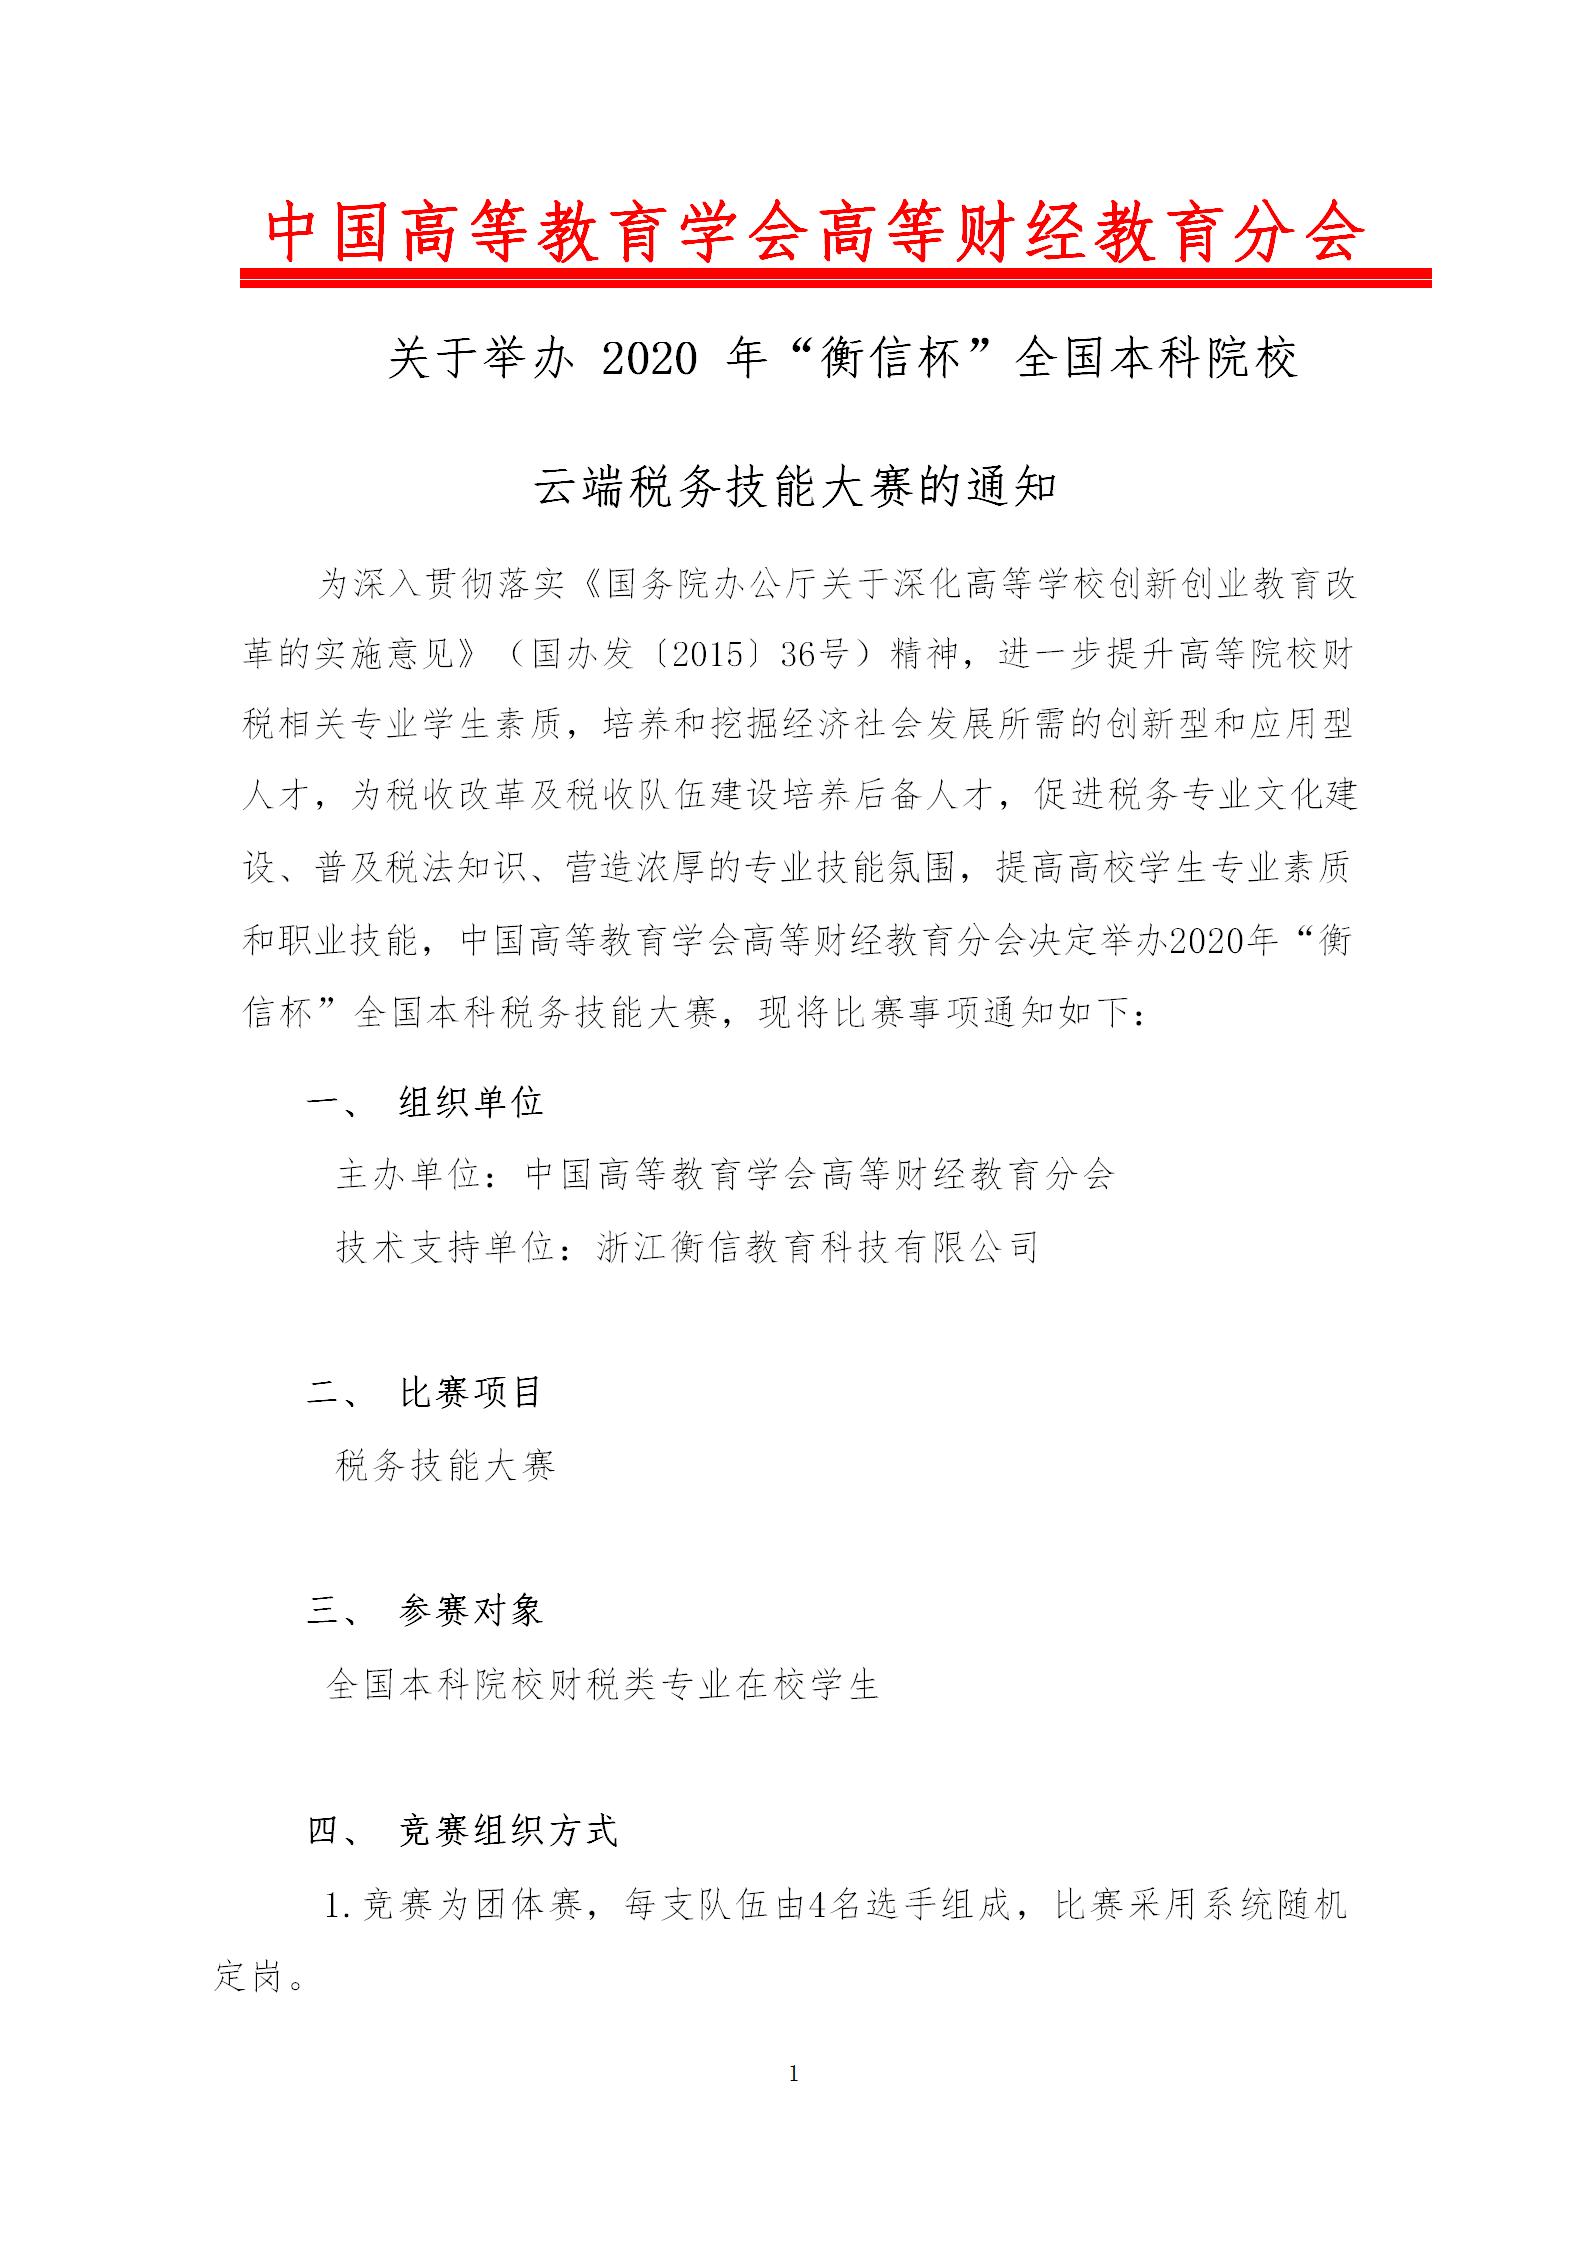 """2020年""""衡信杯""""全国云端税务技能大赛竞赛通知"""